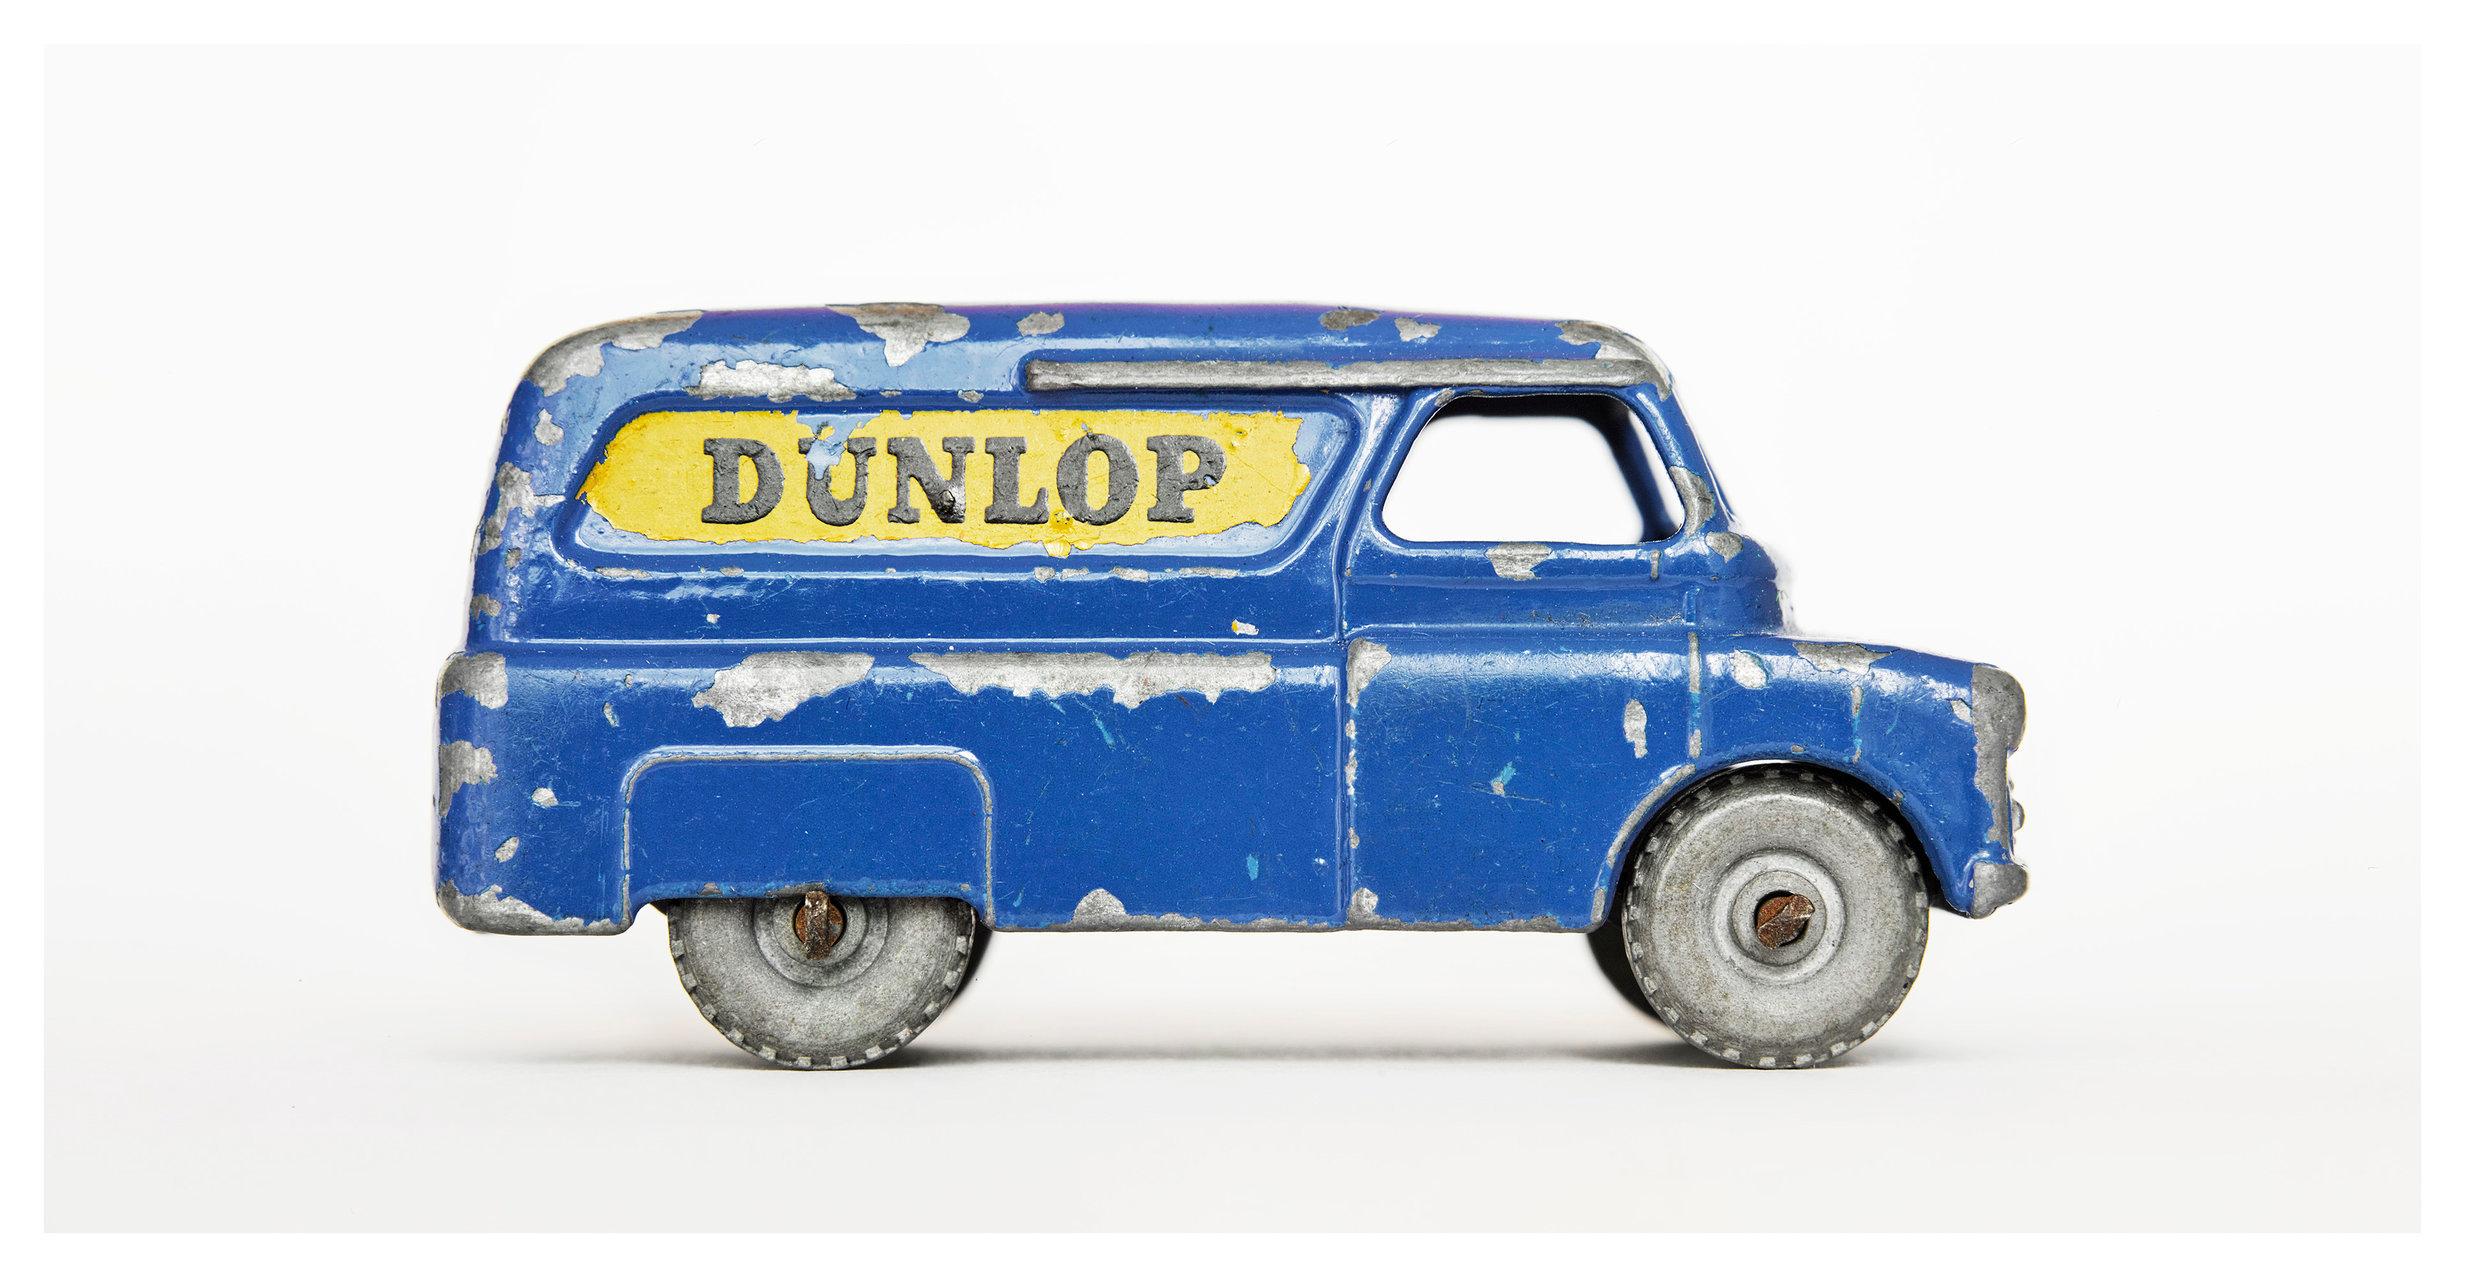 dunlop_s.jpg